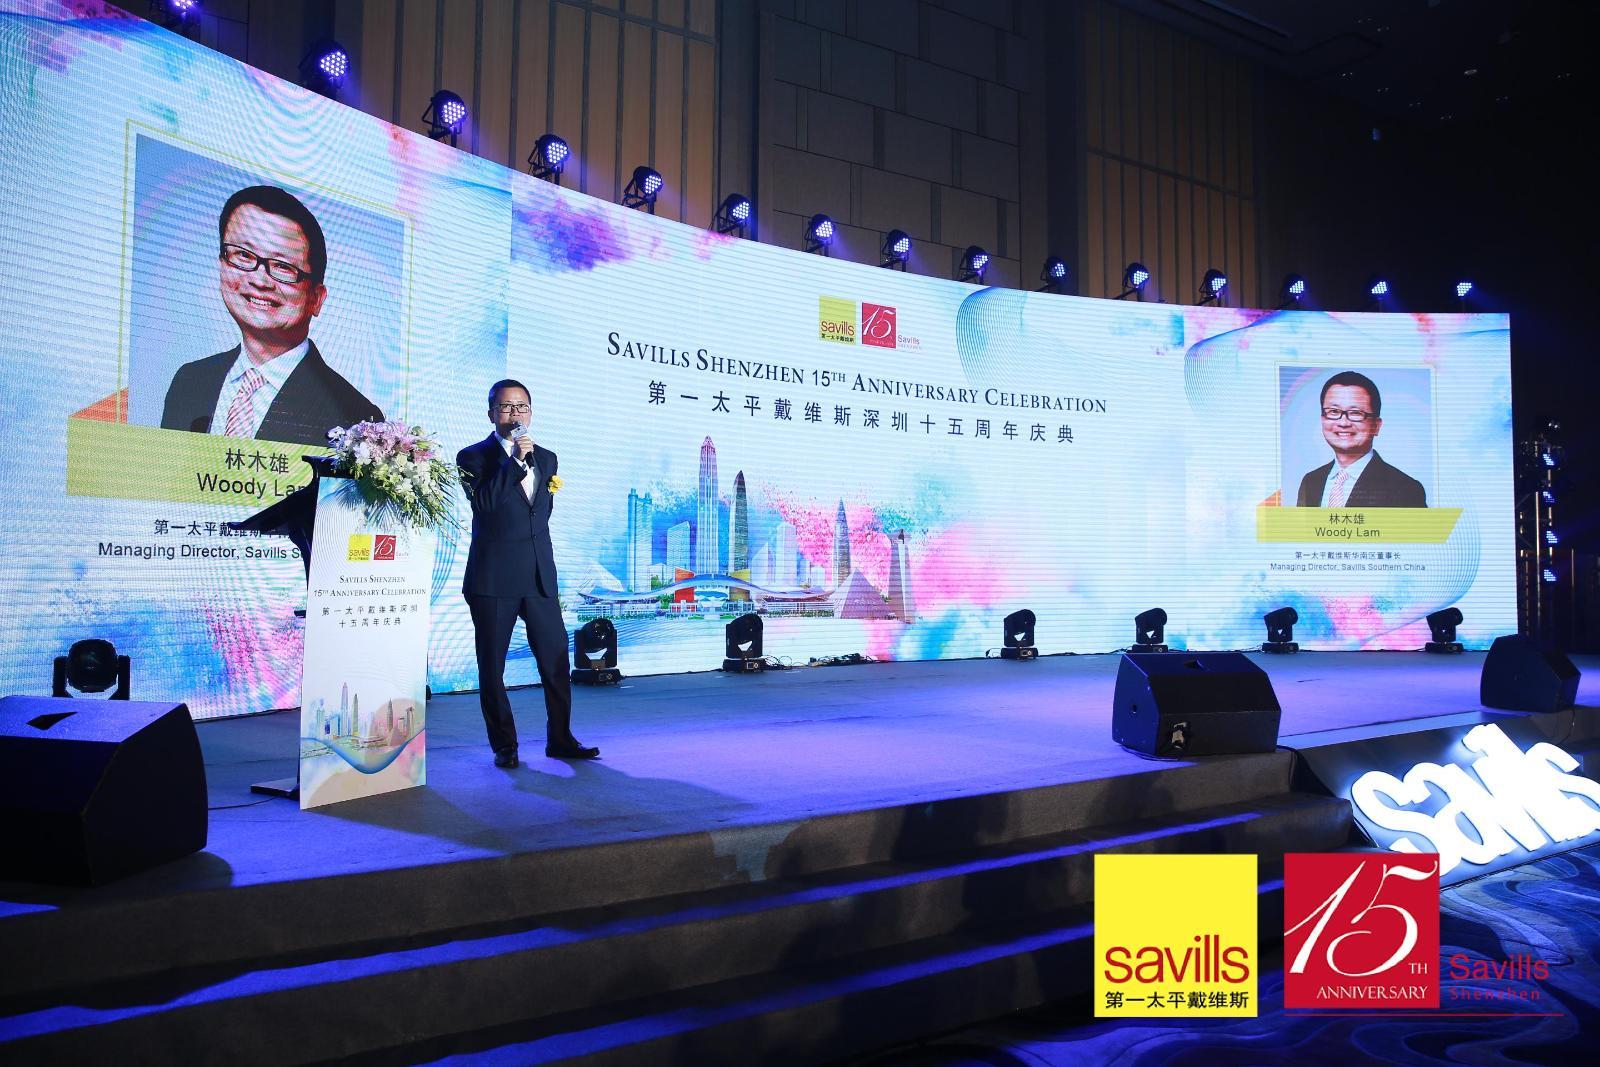 聚势鹏城未来 赋能湾区时代  第一太平戴维斯十五周年璀璨绽放